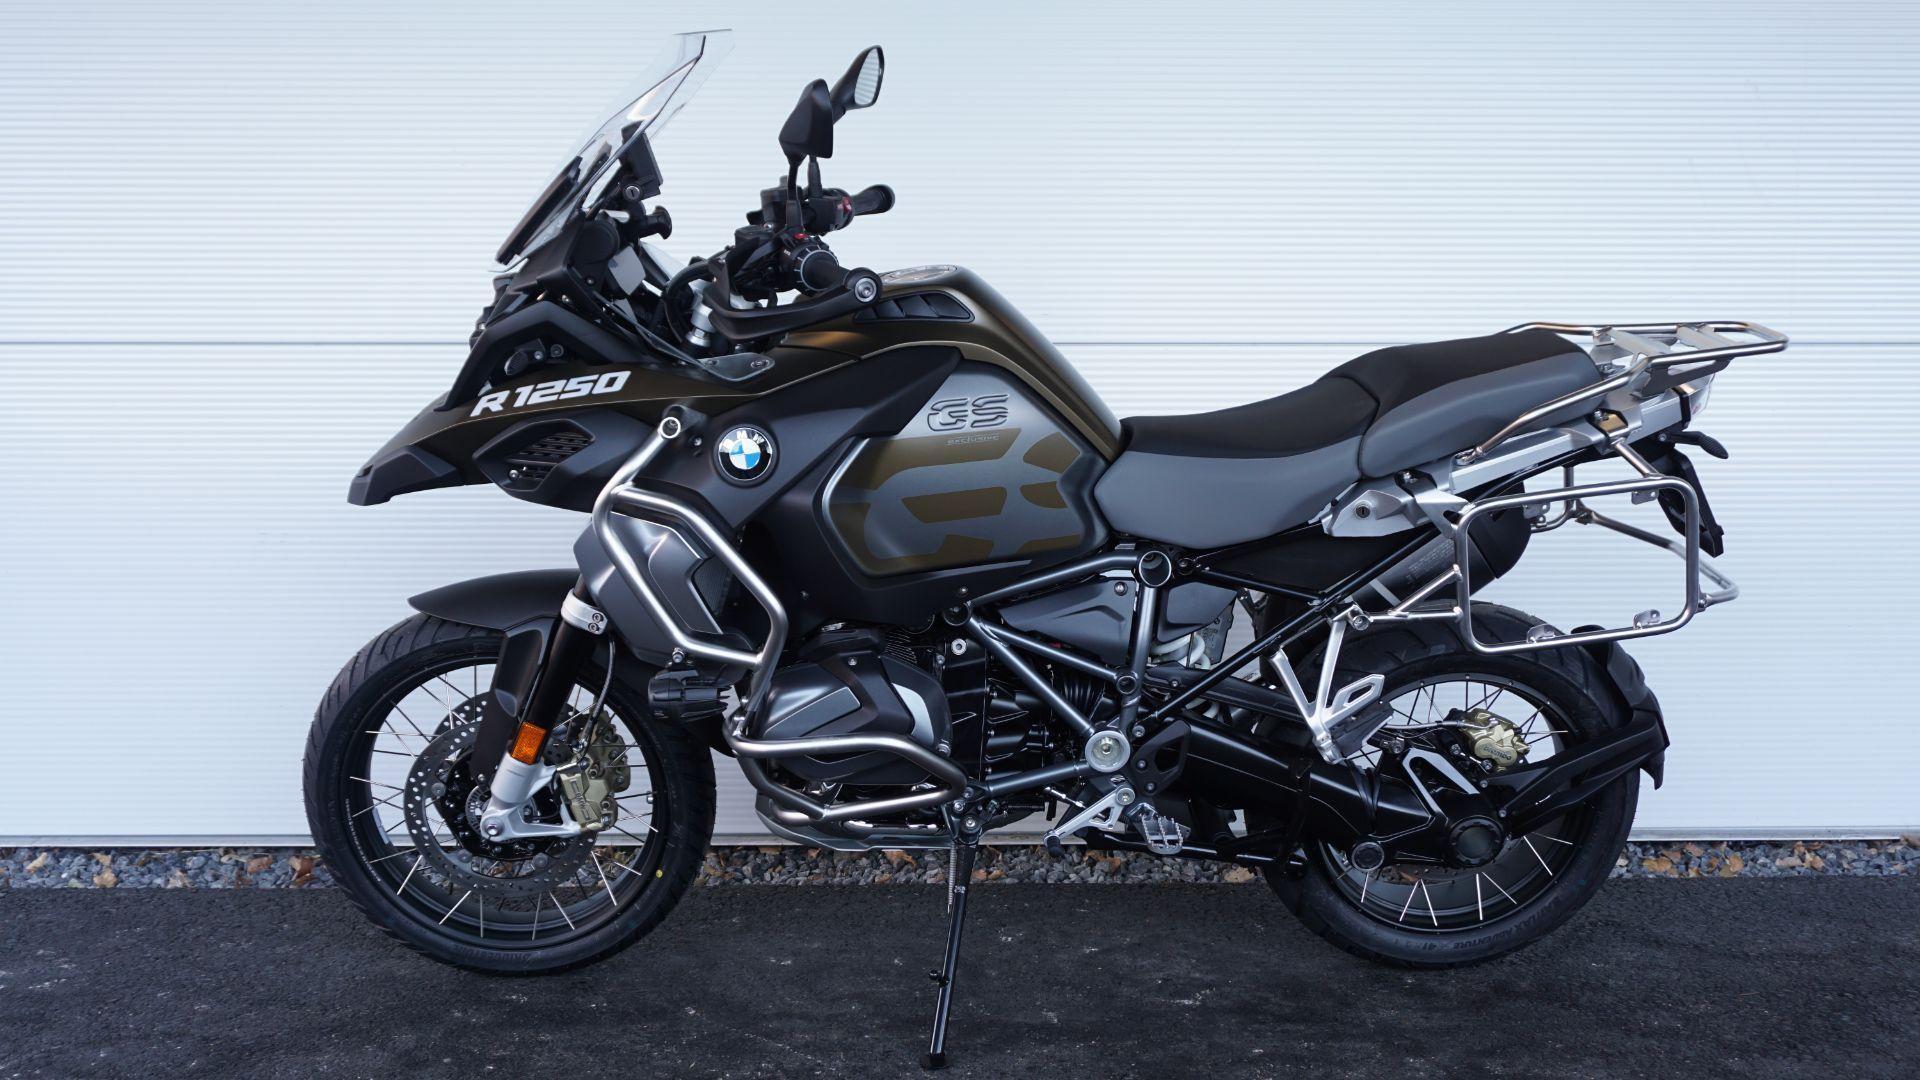 moto veicoli nuovi acquistare bmw r 1250 gs adventure moto. Black Bedroom Furniture Sets. Home Design Ideas